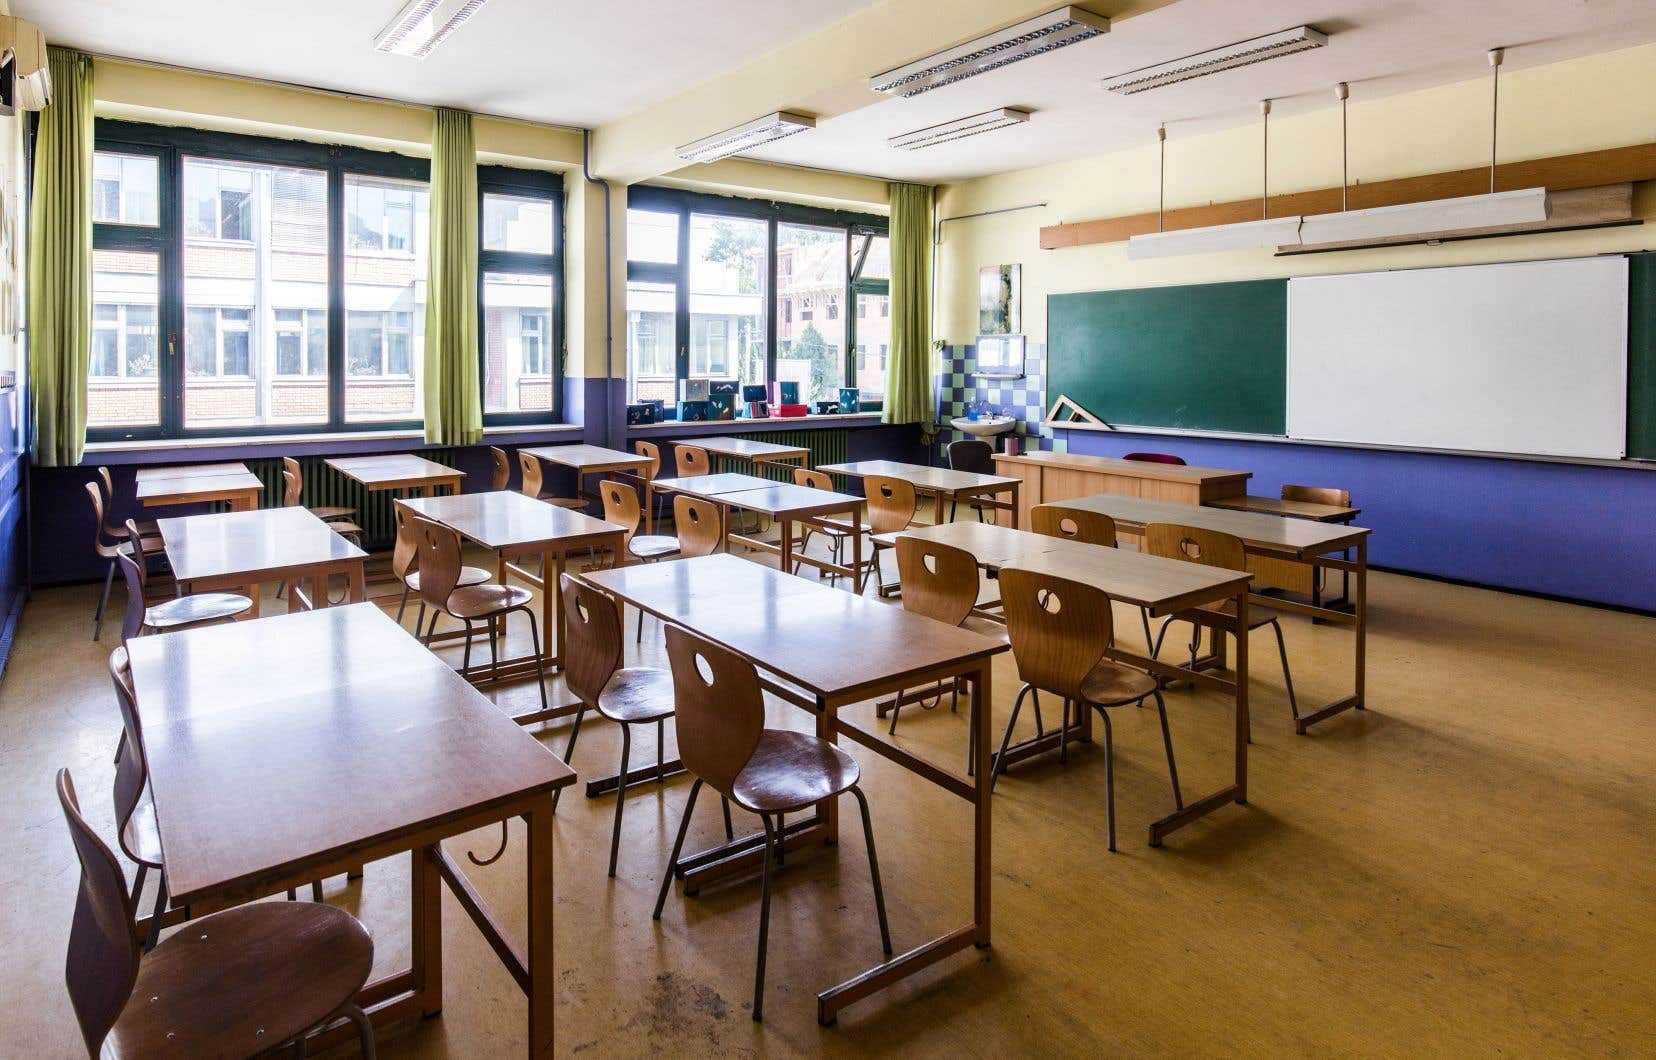 Des enseignants se sont fait ordonner de se rendre au travail même s'il n'y aura aucun élève sur place.